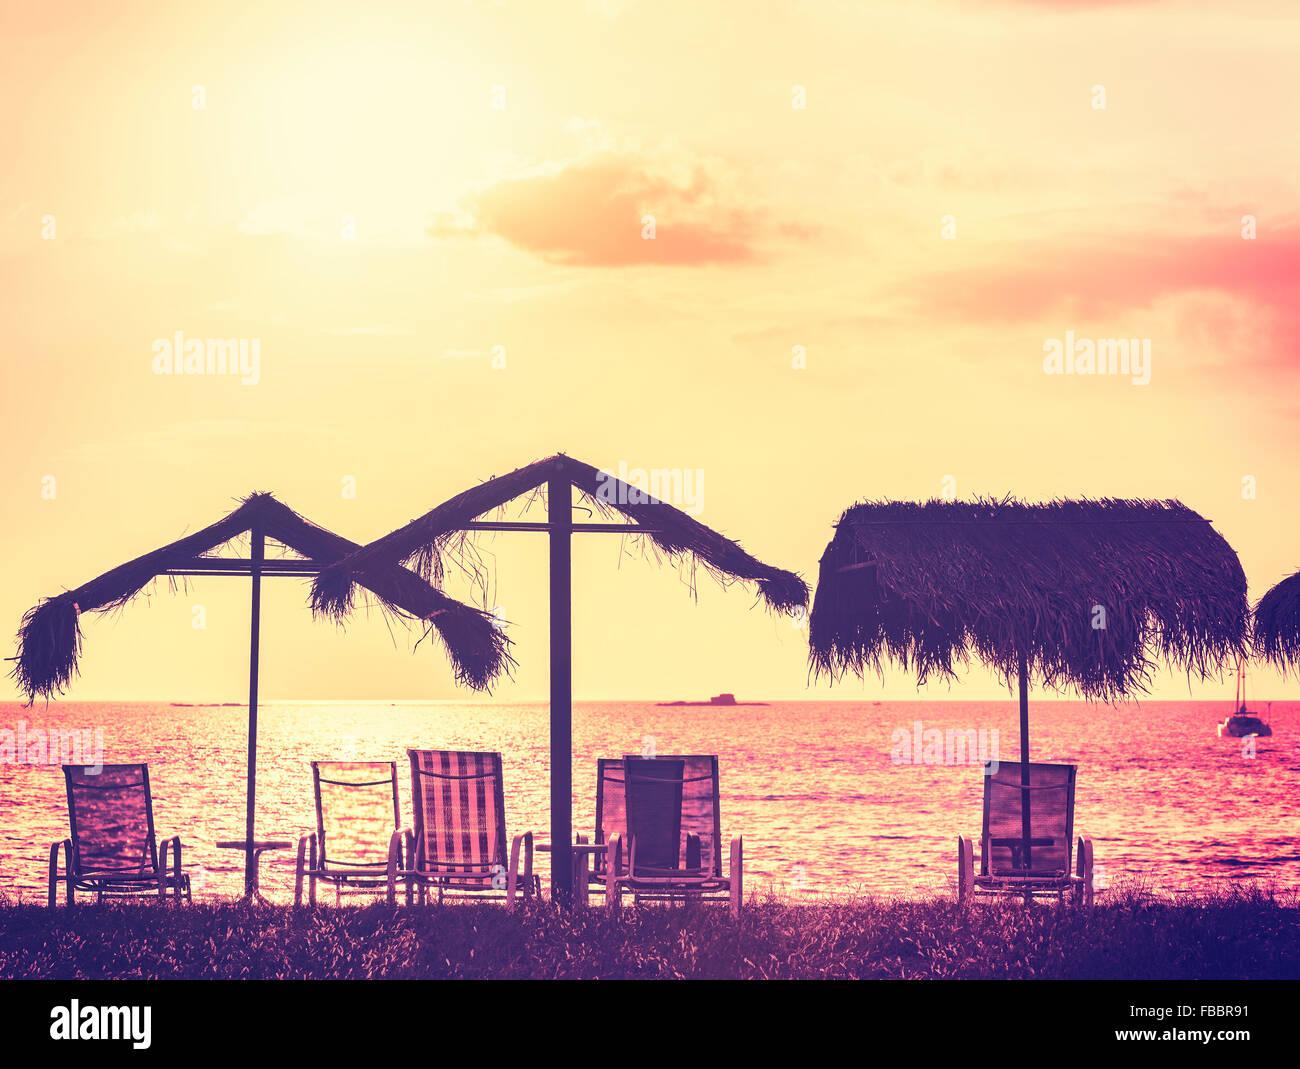 Vintage getönten Liegestühle und Sonnenschirme am Sonnenuntergang, Ferien-Hintergrund. Stockbild